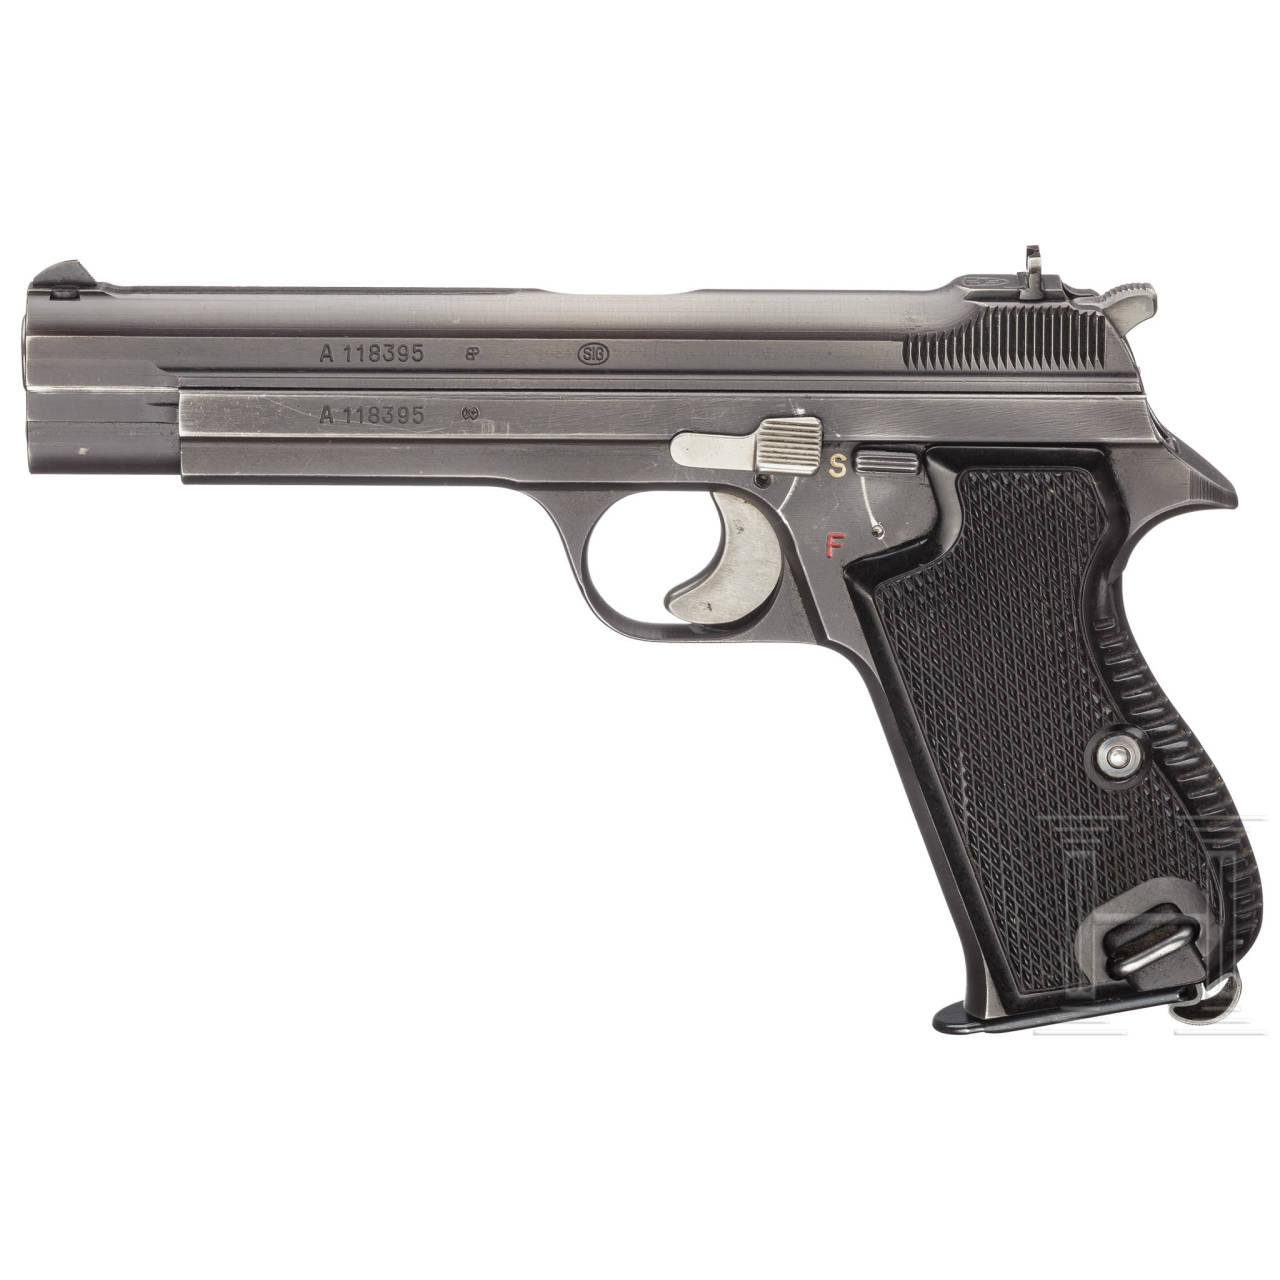 SIG P 210 (Pistole 49), im Karton